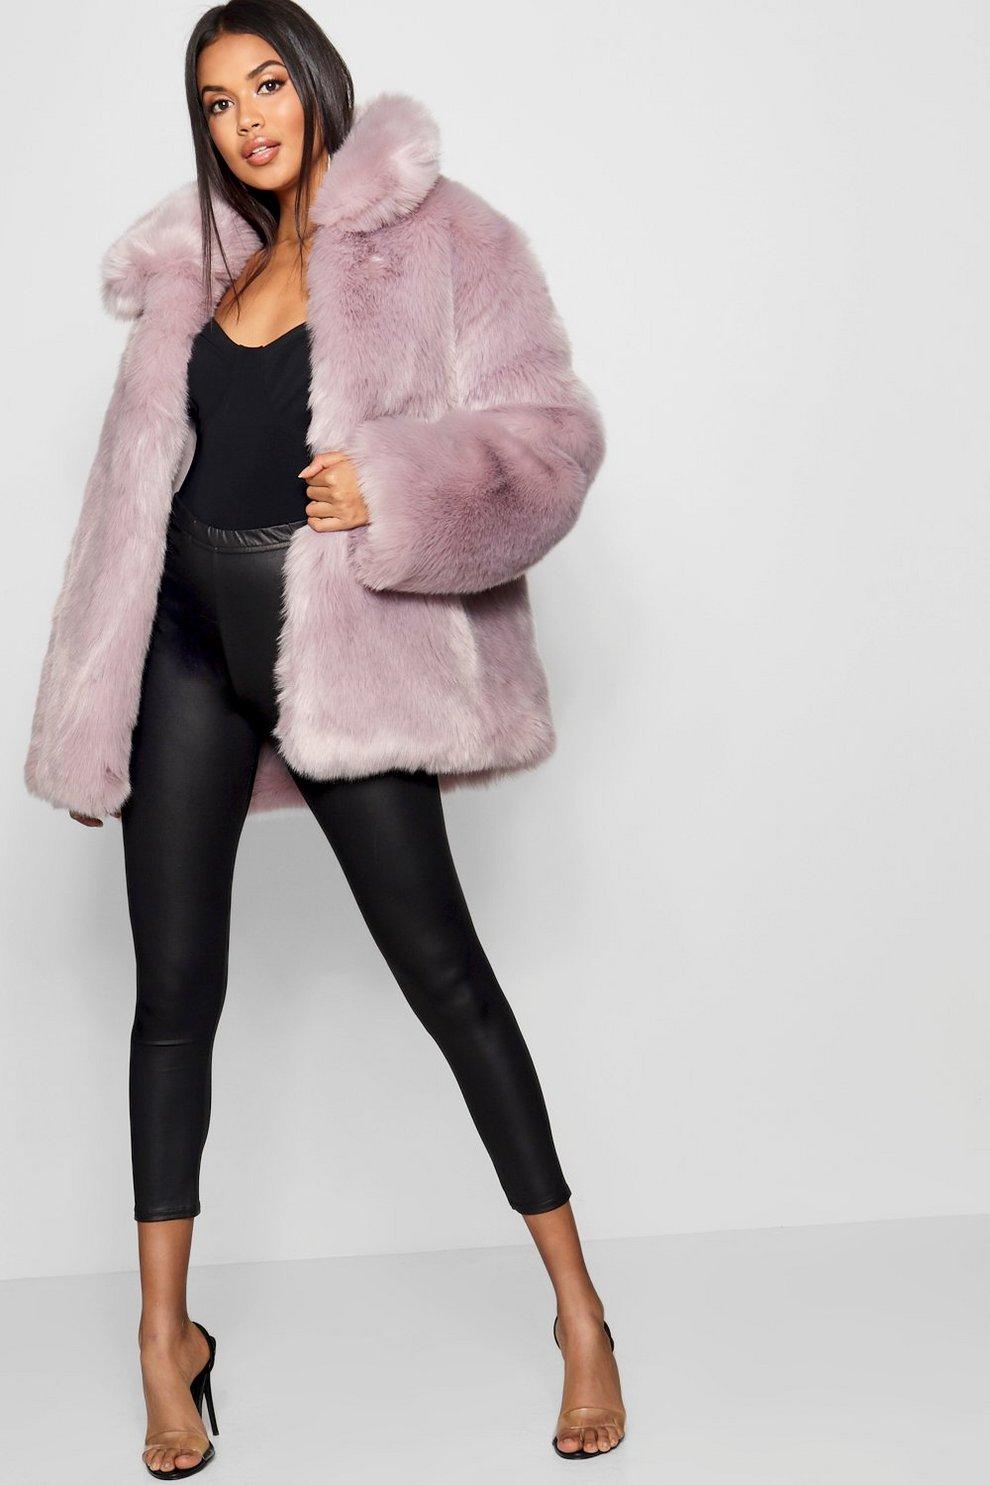 8c8fba9846b Collared Faux Fur Coat